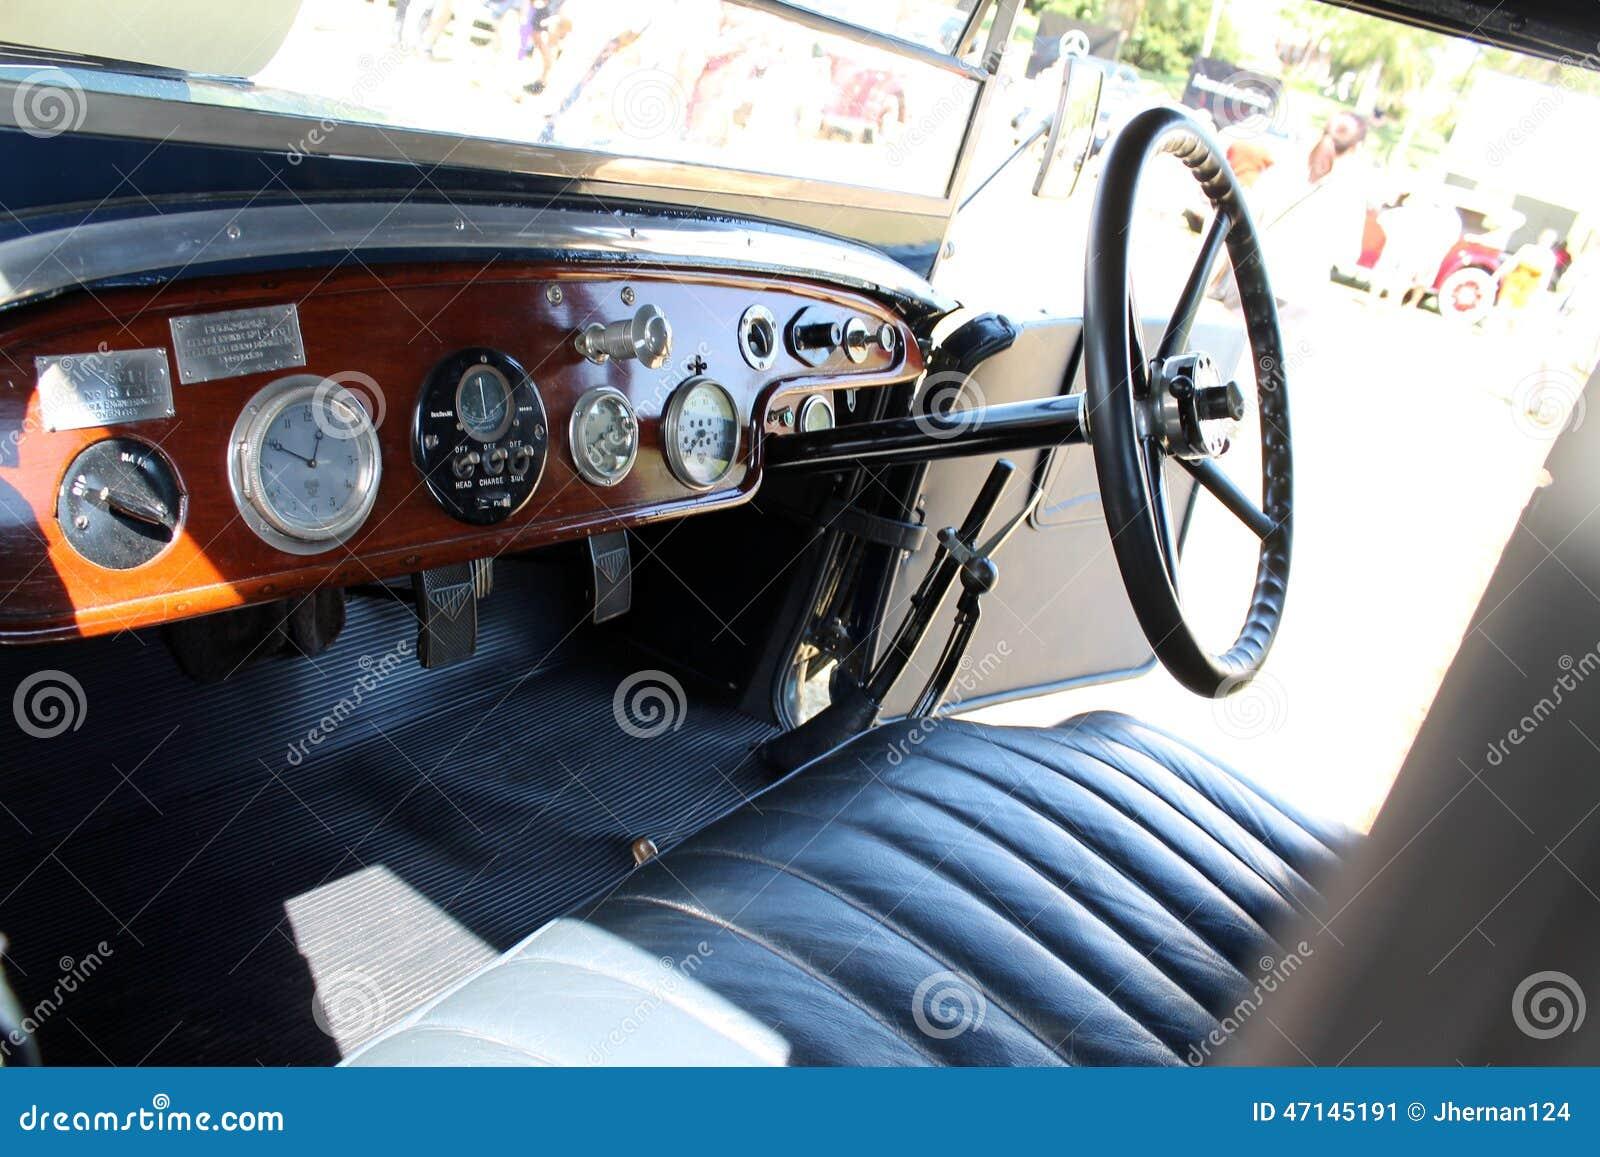 Vieil int rieur de voiture ancienne photo ditorial for Salon vieilles voitures